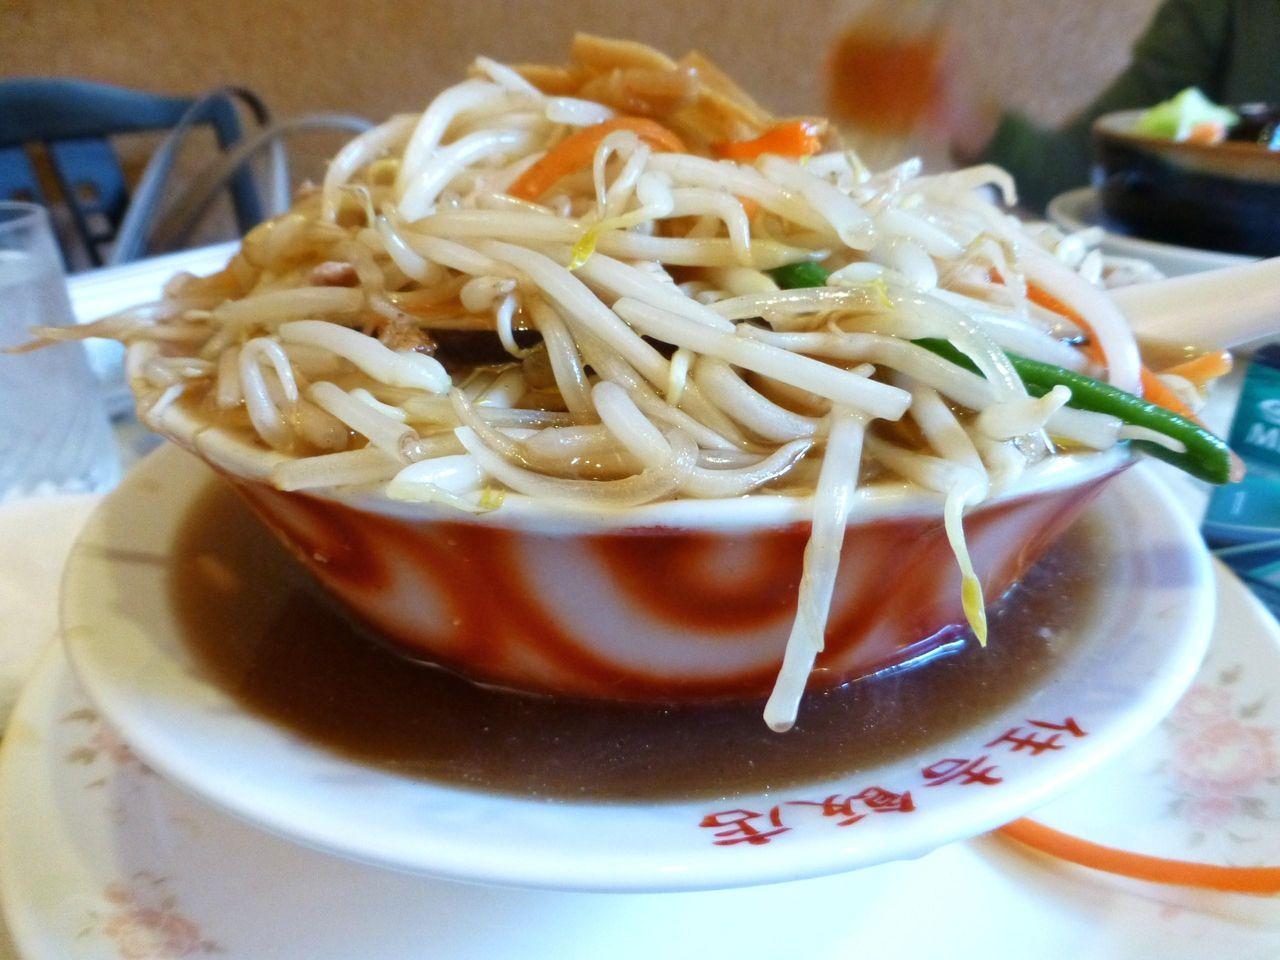 丼からスープが溢れて、もやし麺の源泉かけ流し!